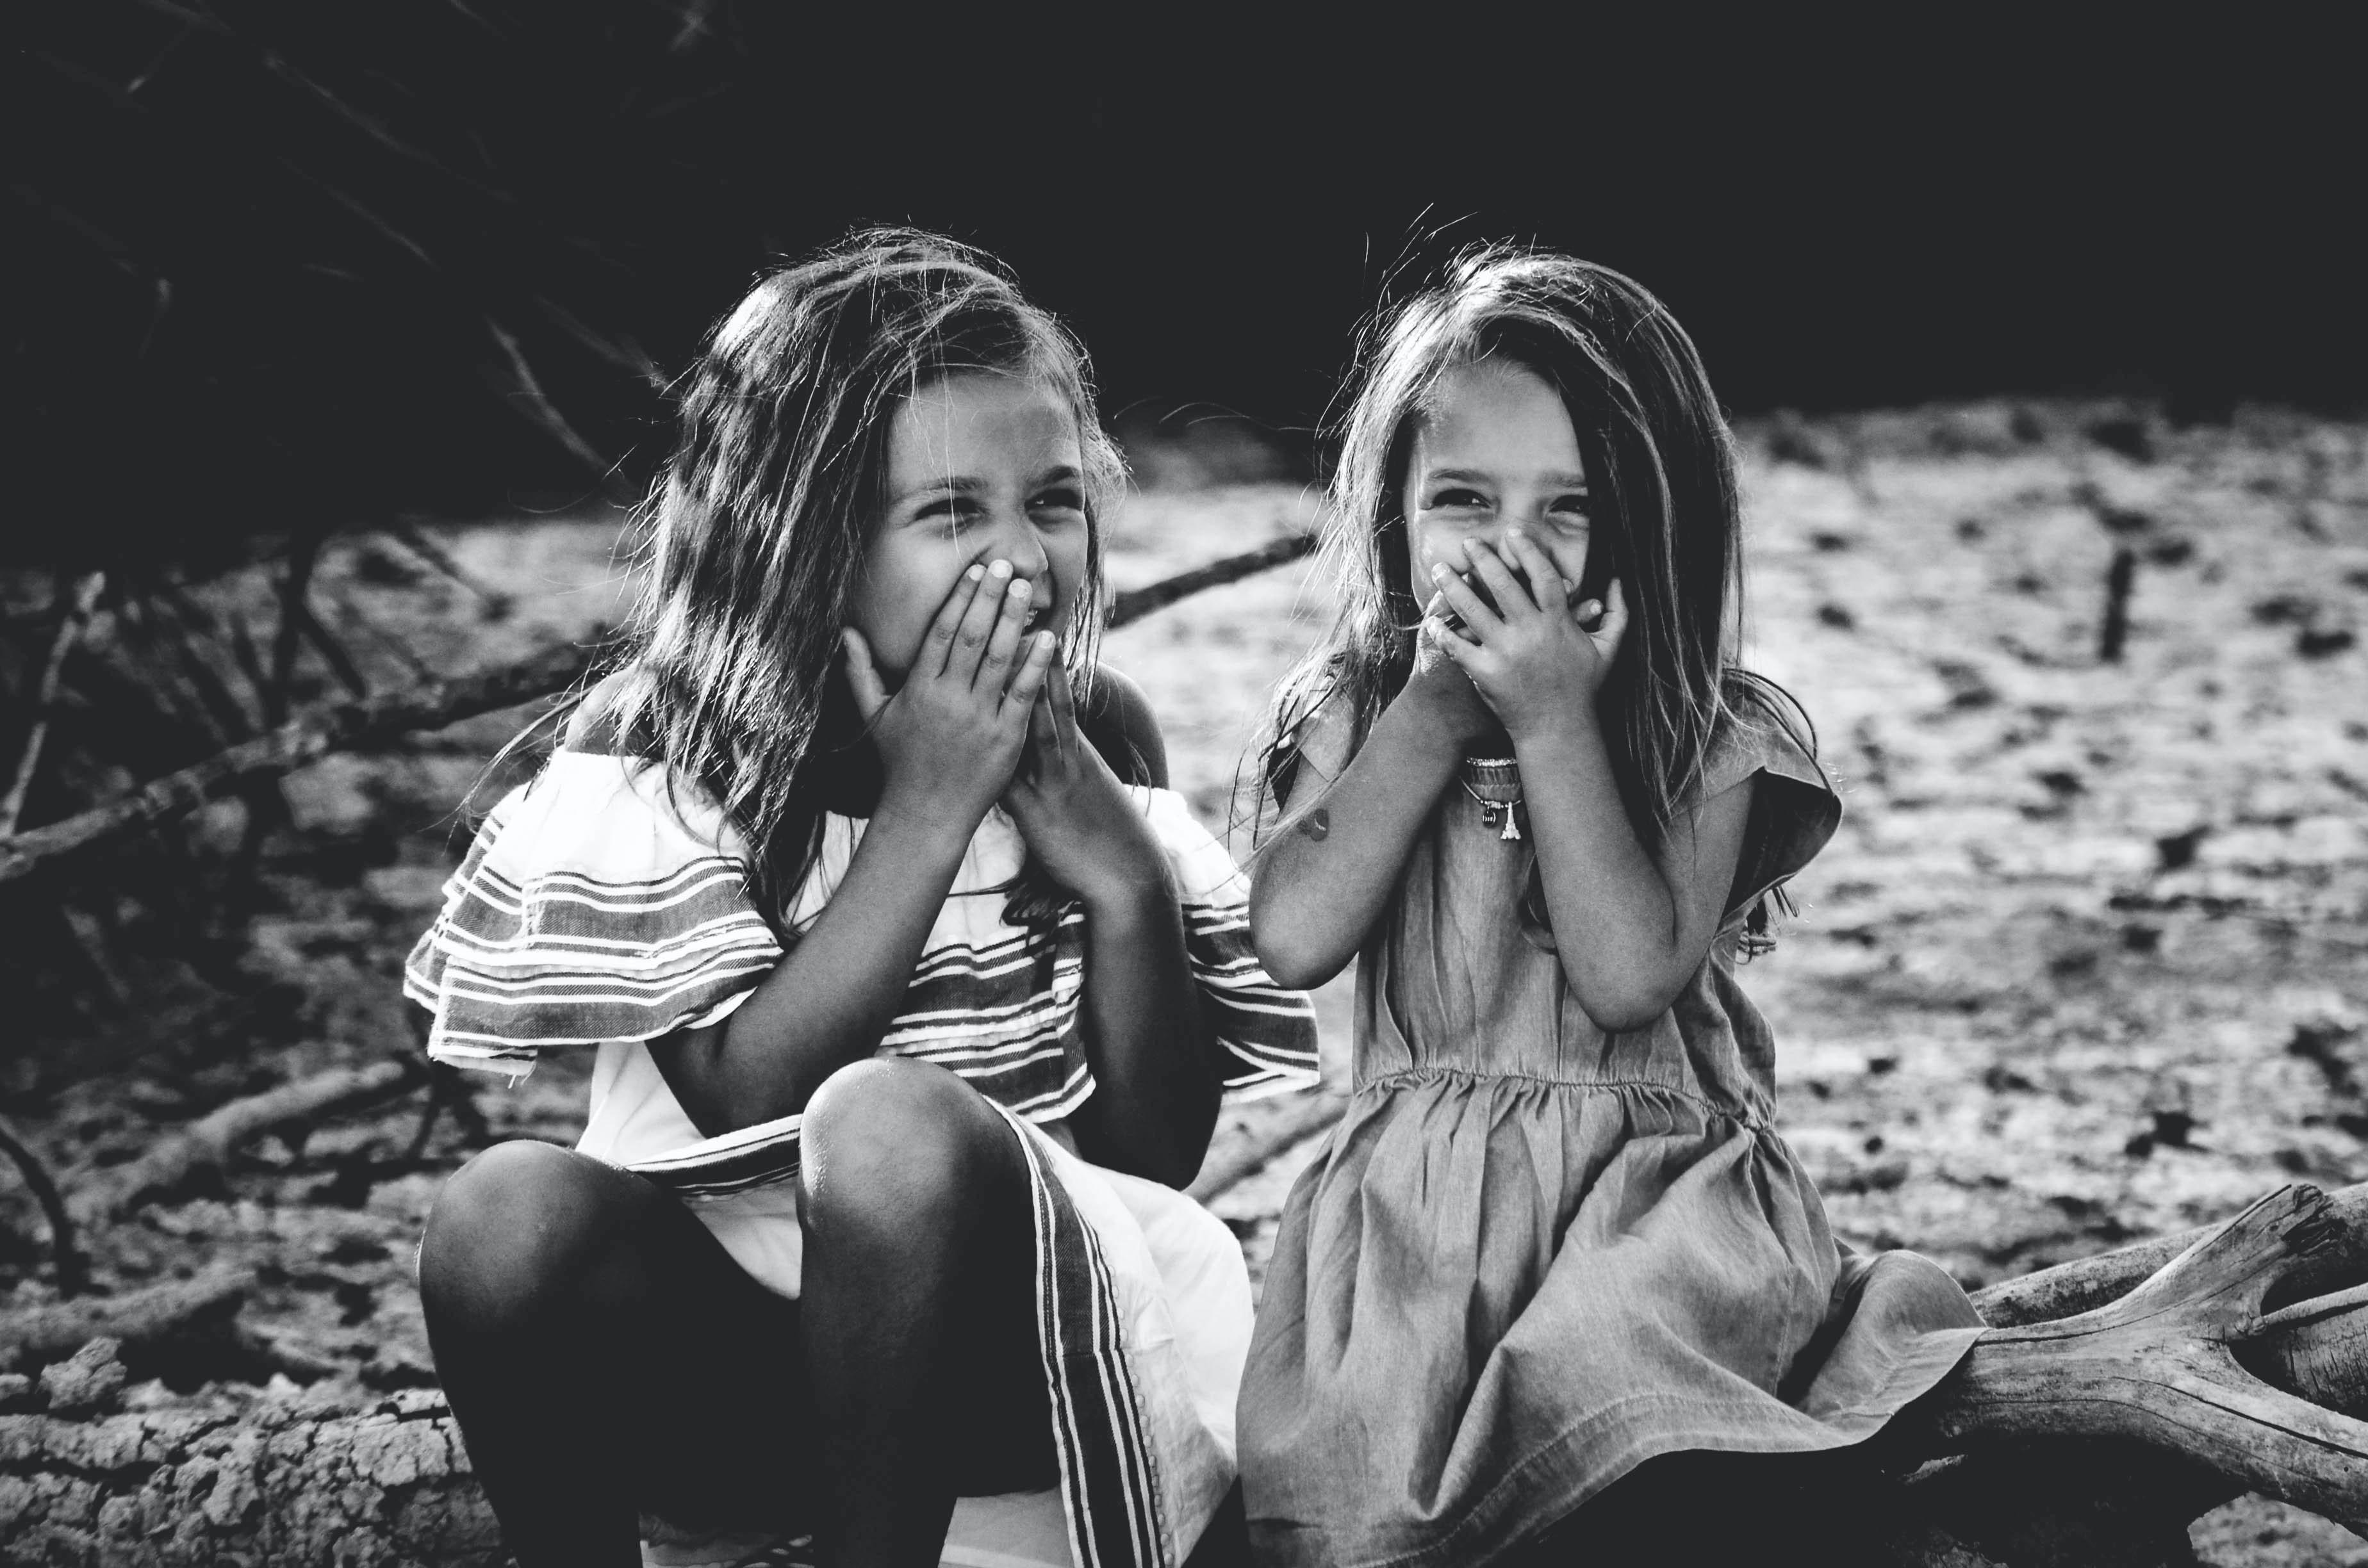 caroline hernandez tJHU4mGSLz4 unsplash - De bedste mærker til dine børn